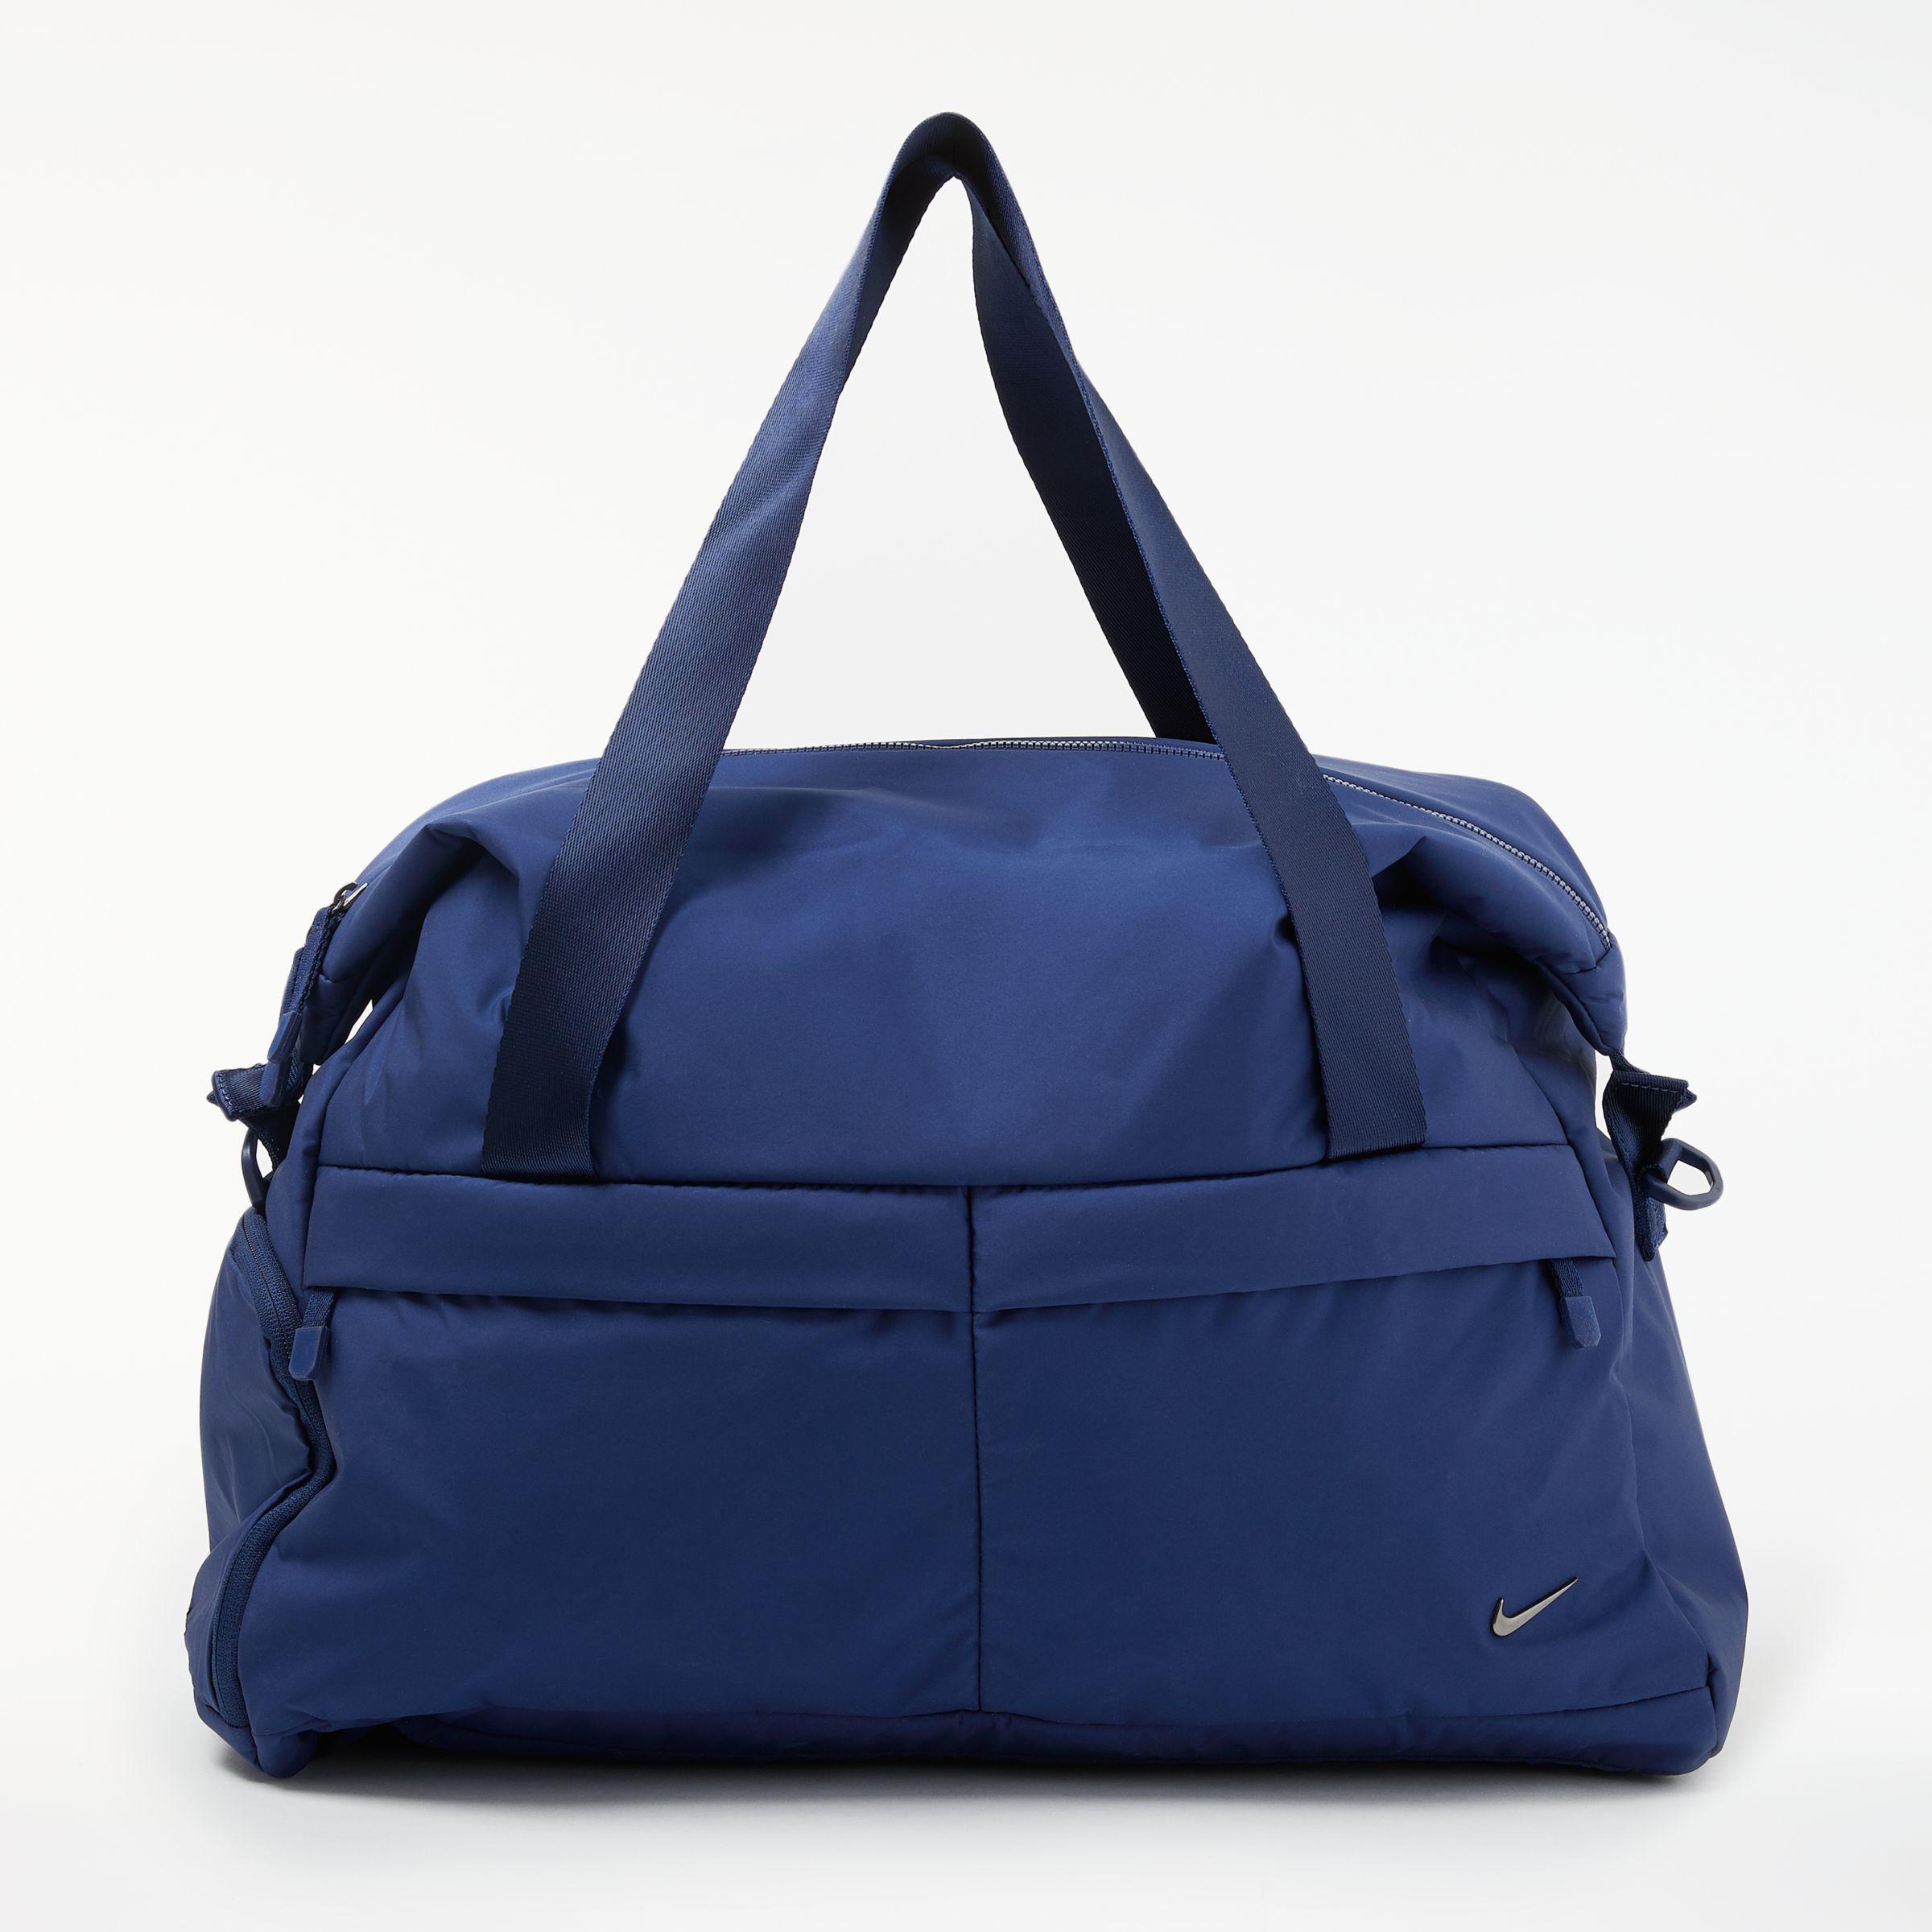 Nike Legend Club Training Bag in Blue for Men - Lyst 3c378a5565782